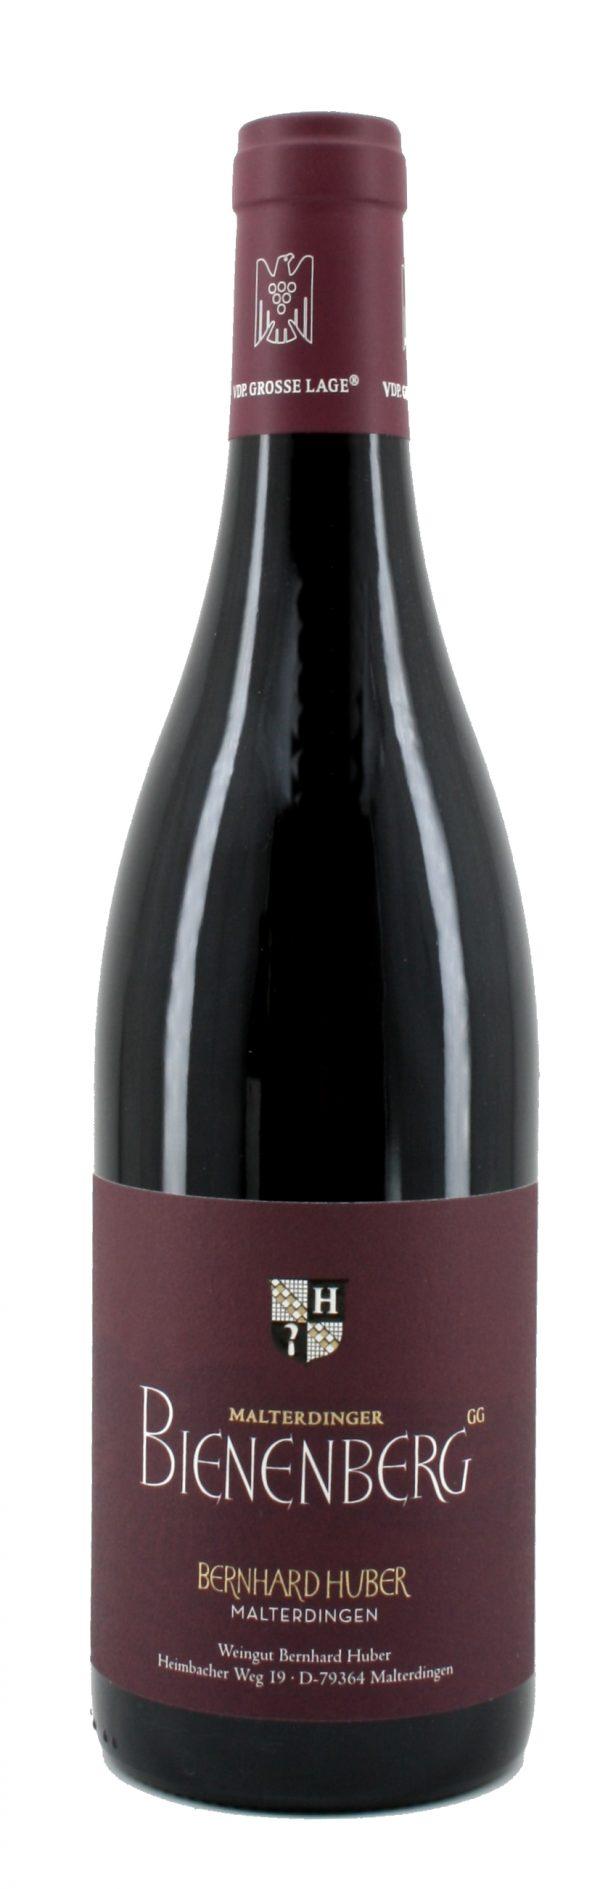 Bienenberg Spätburgunder Großes Gewächs Qualitätswein trocken 2015